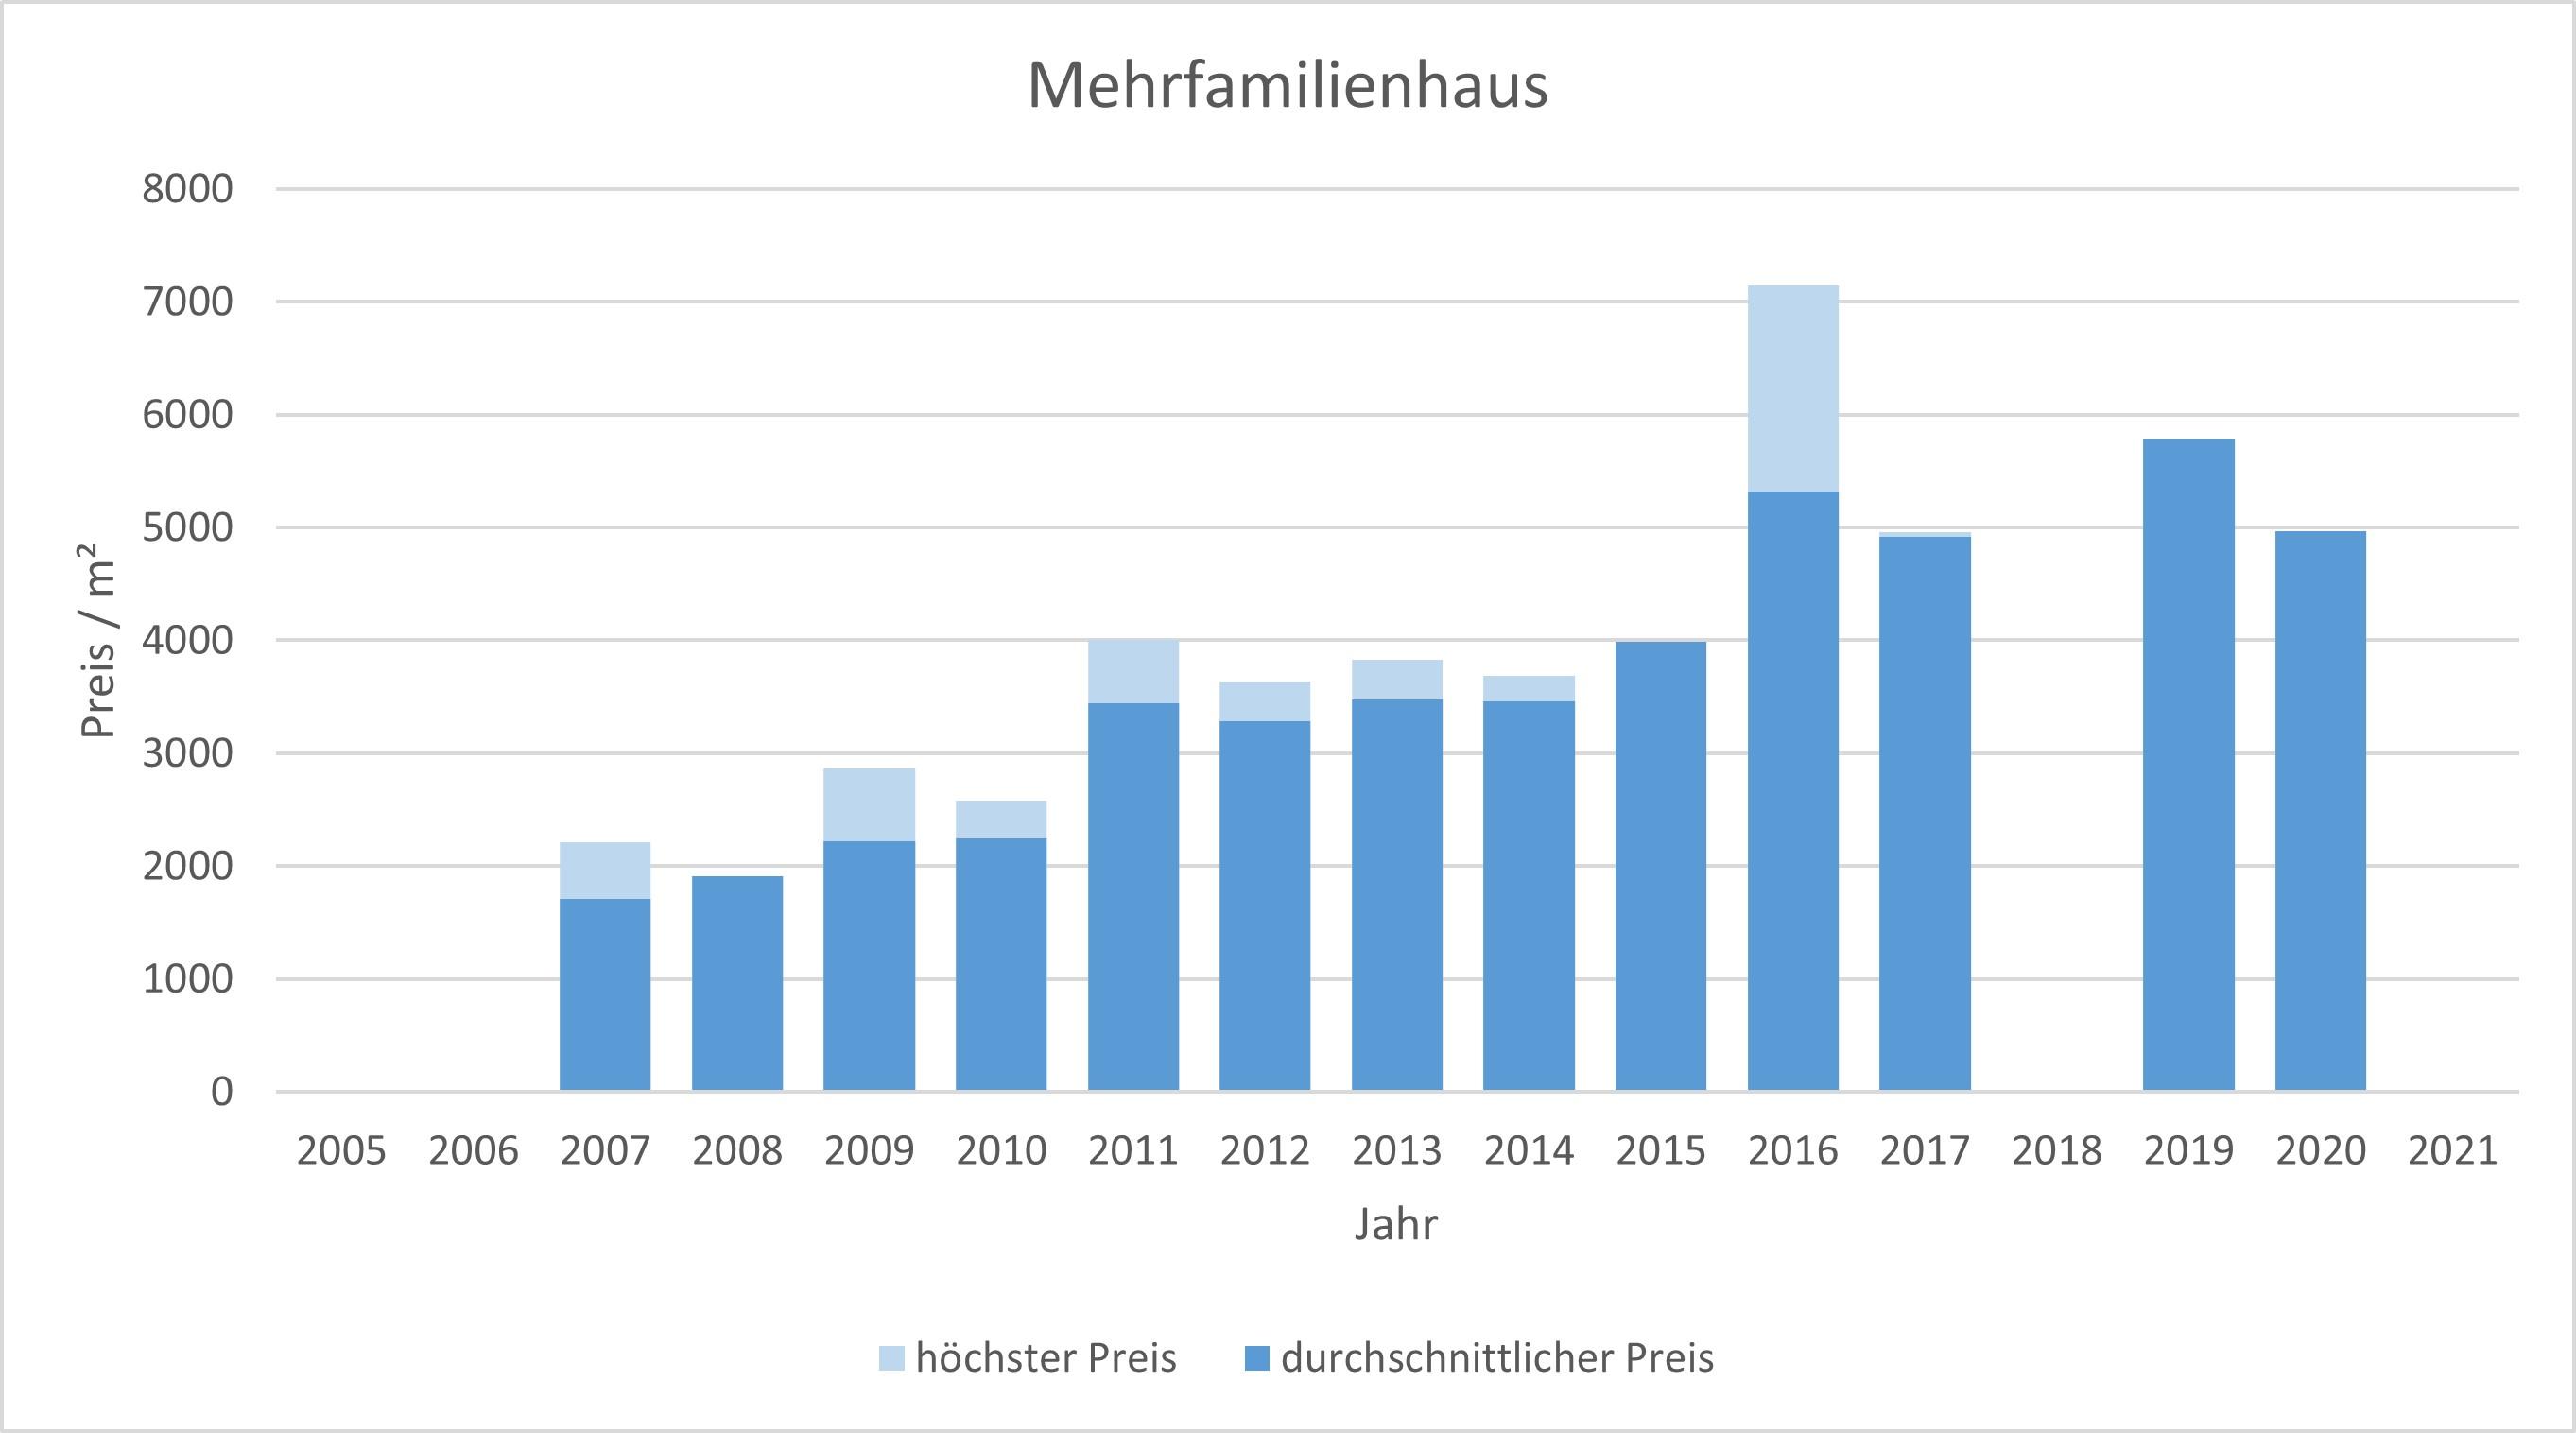 Kirchheim Mehrfamilienhaus kaufen verkaufen Preis Bewertung Makler 2019 2020 2021  www.happy-immo.de